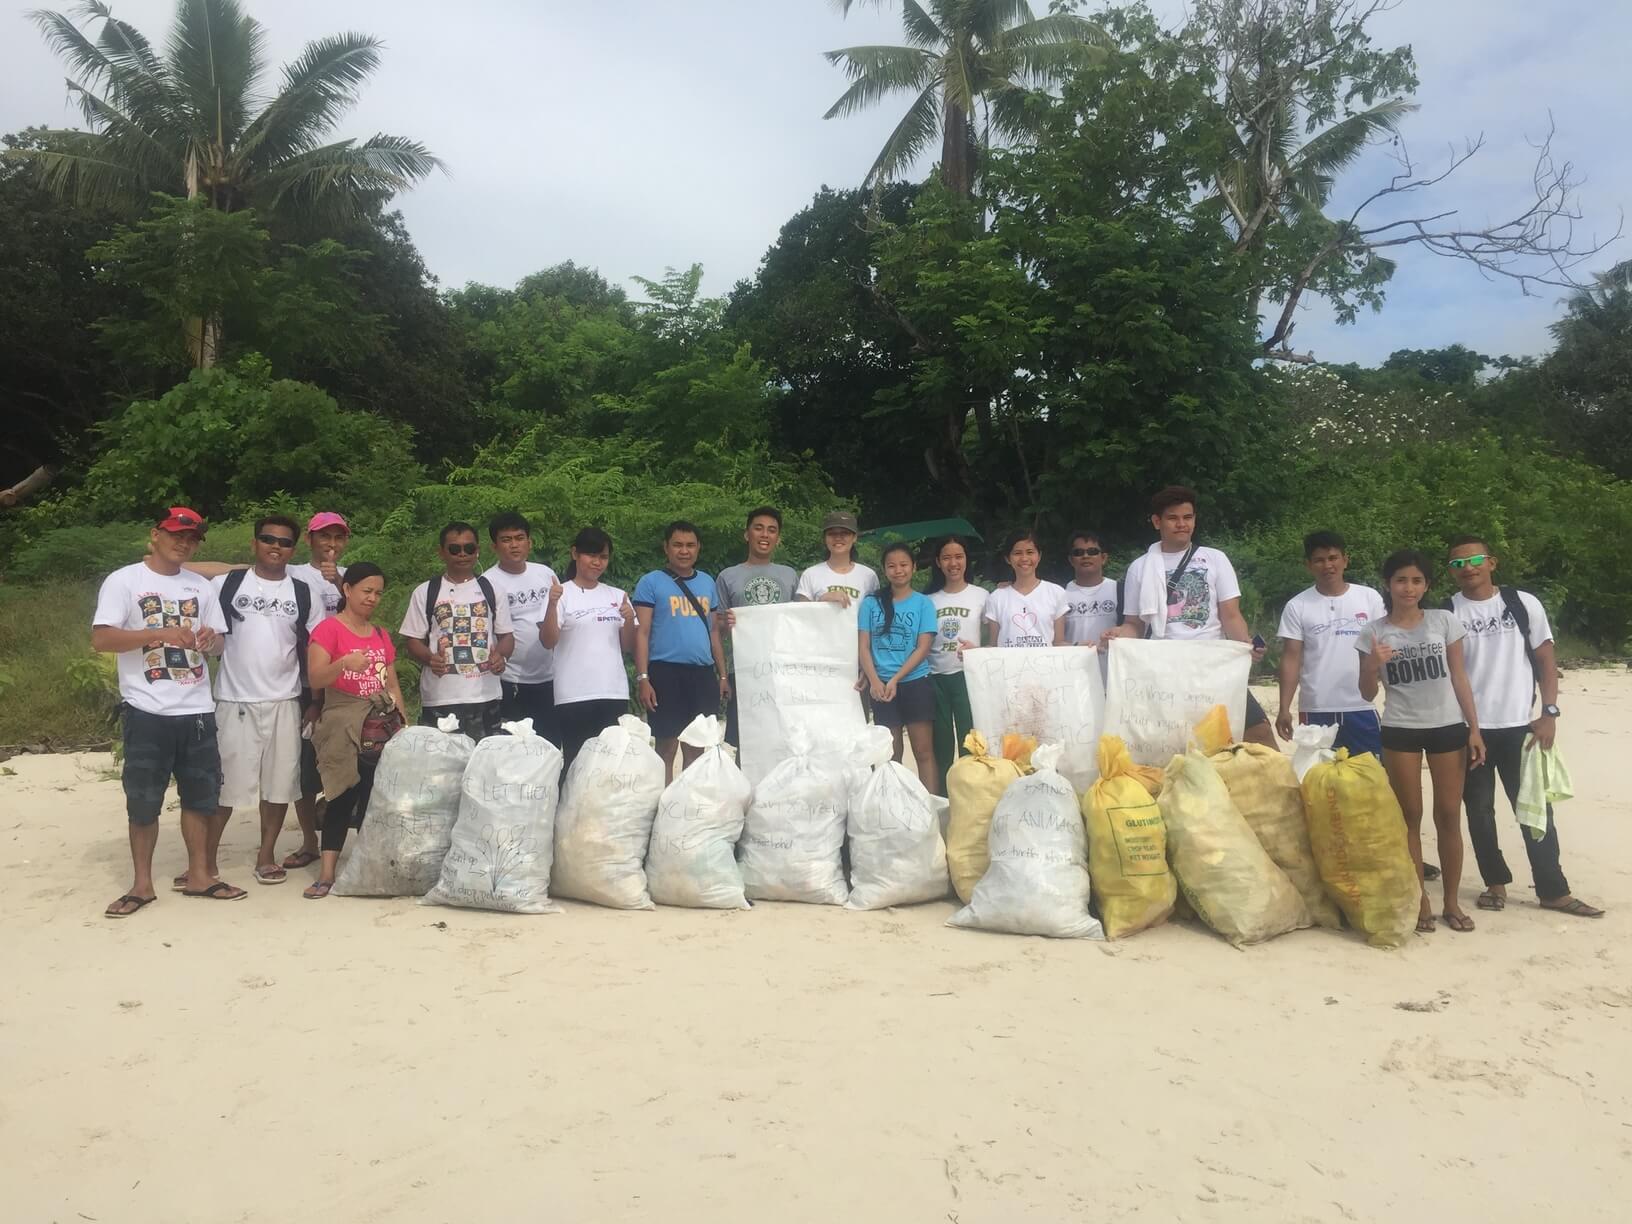 Bohol Beach Clean Up Success